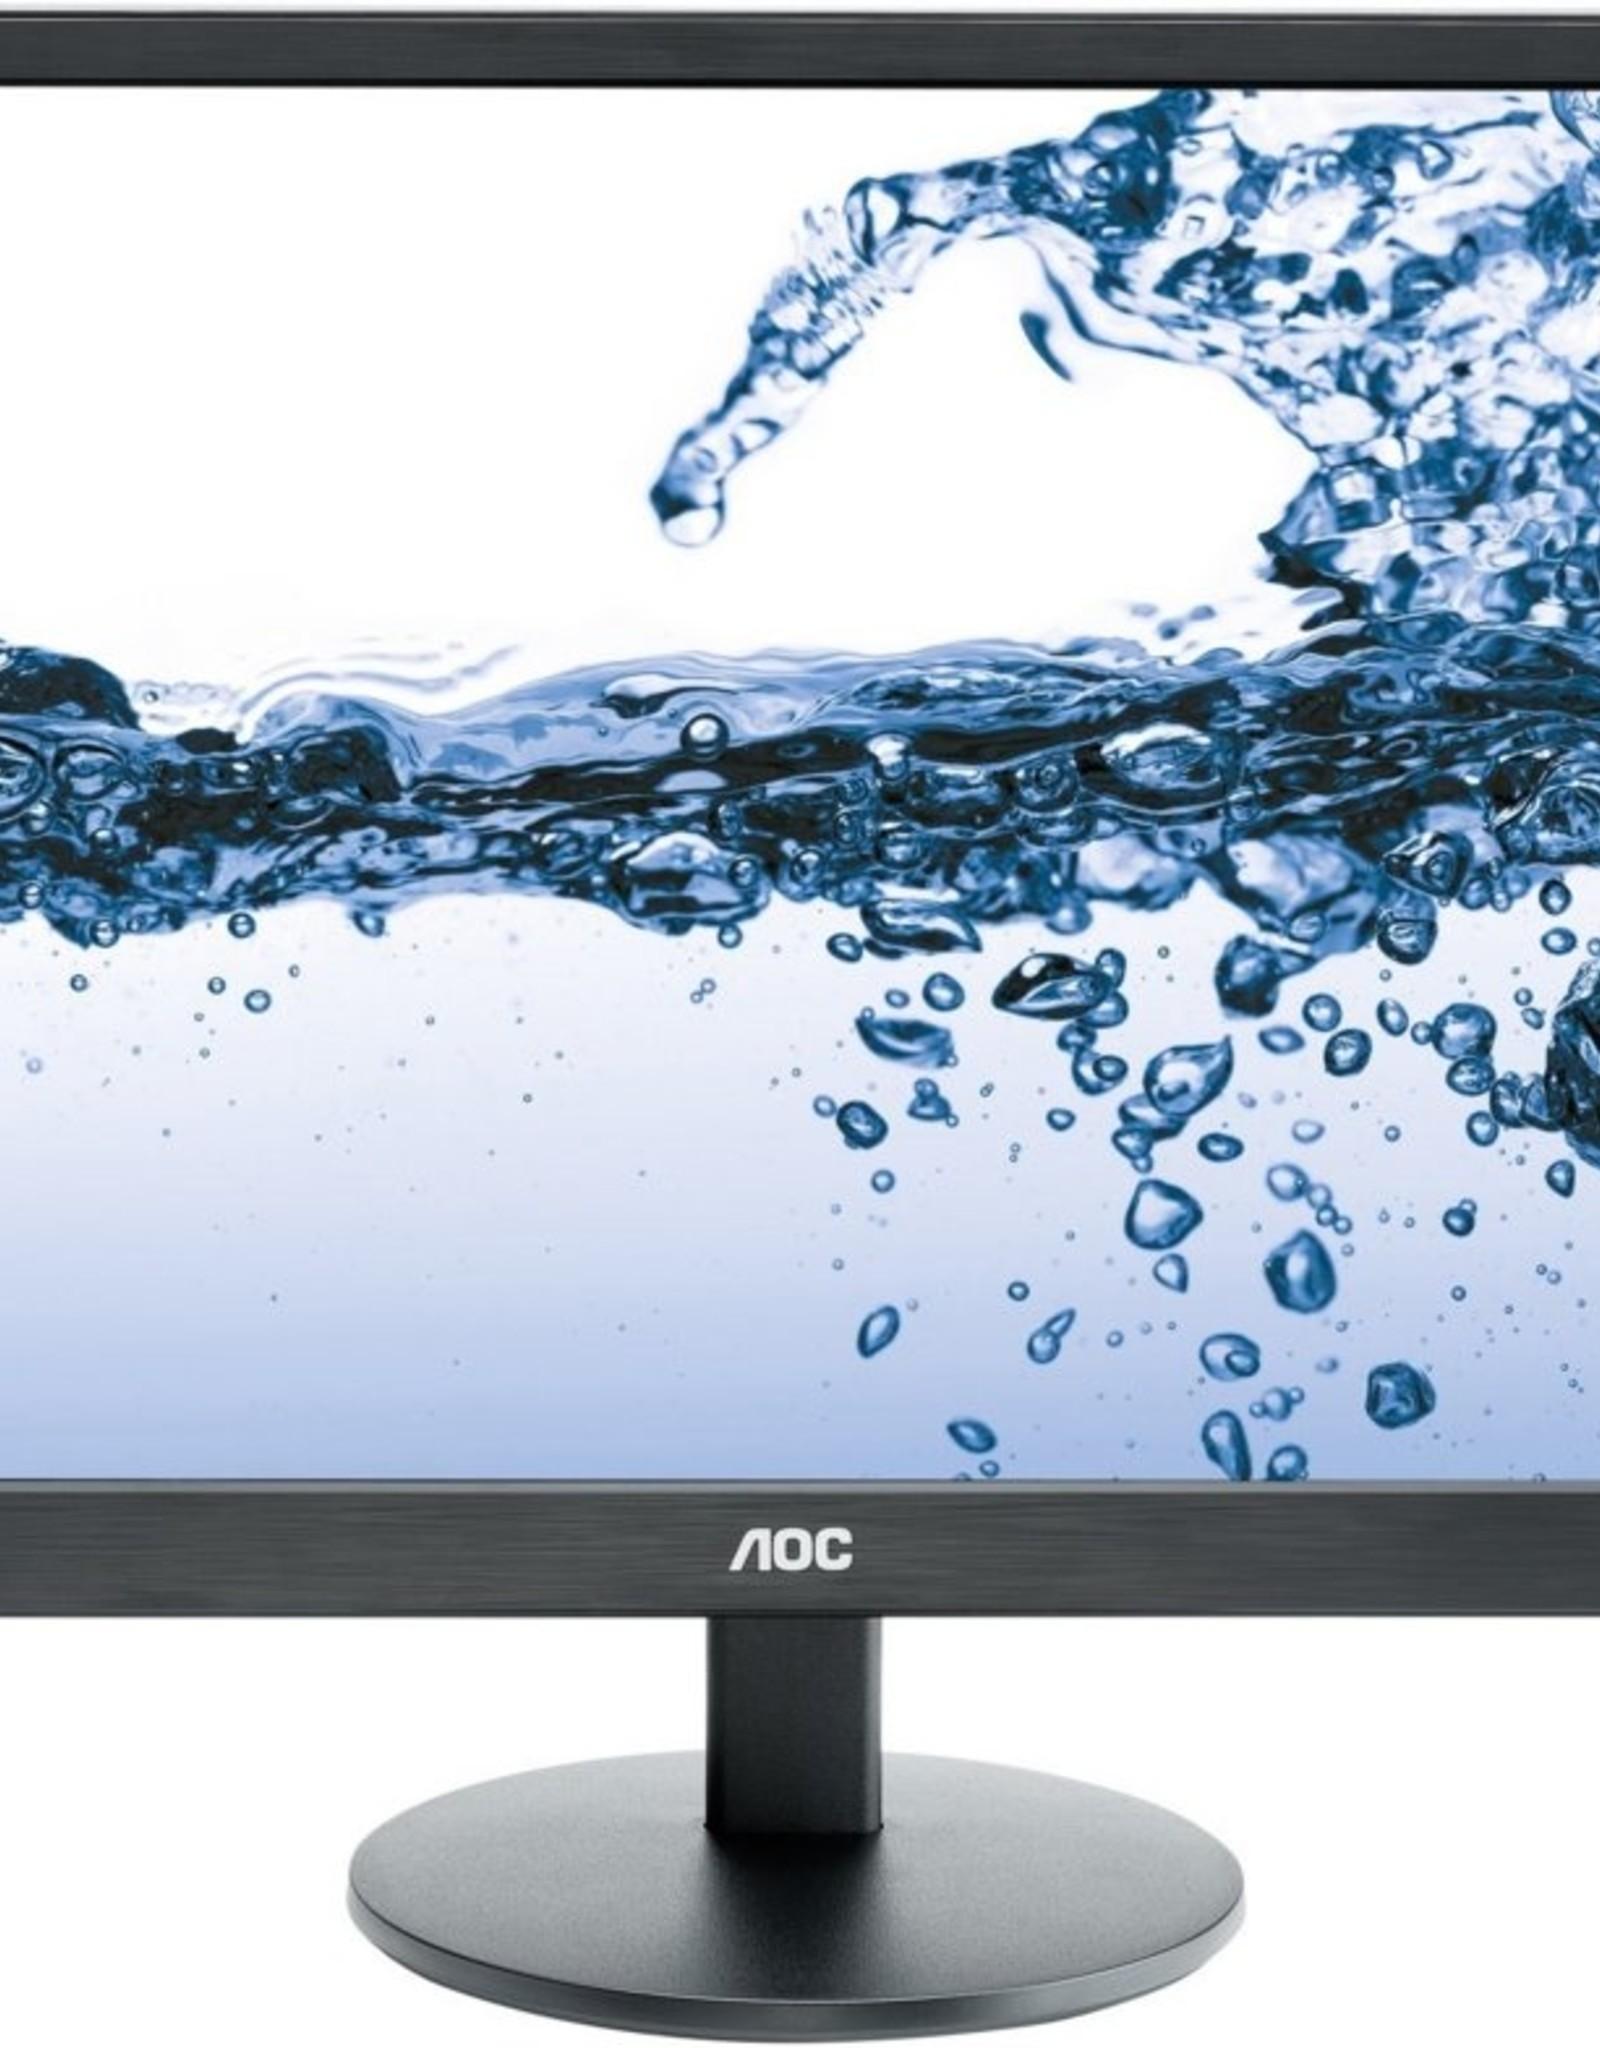 MON  E2270SWHN 21.5inch / LED / VGA / HDMI  / FULL-HD